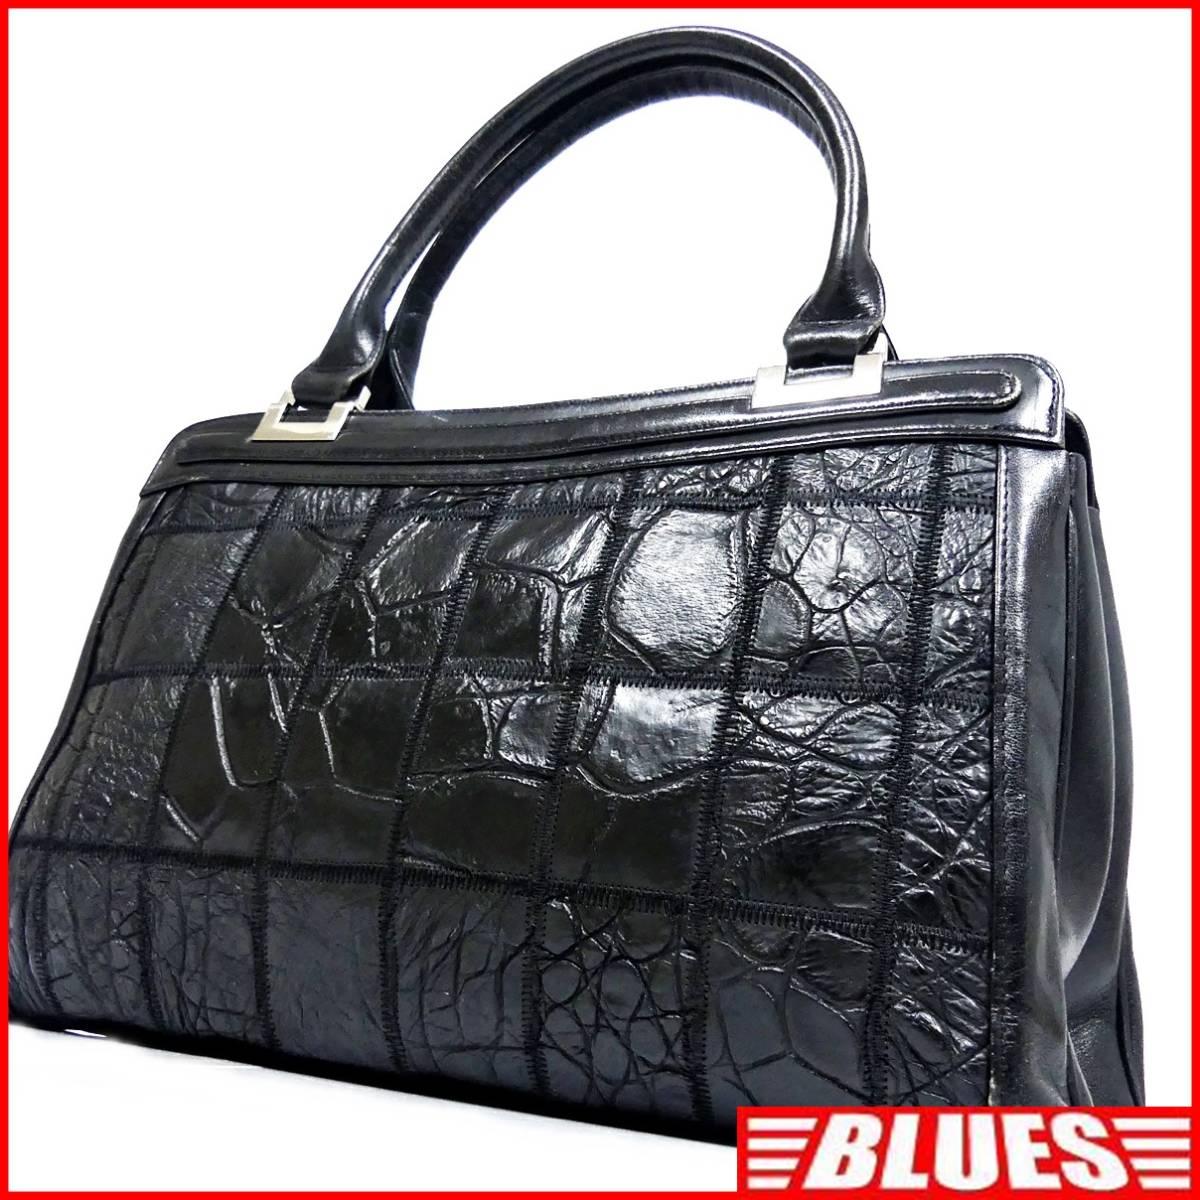 即決★N.B.★レザーハンドバッグ パッチワーク クロコ型押し メンズ 黒 本革 トートバッグ 本皮 かばん 鞄 レディース 手提げバッグ_画像1